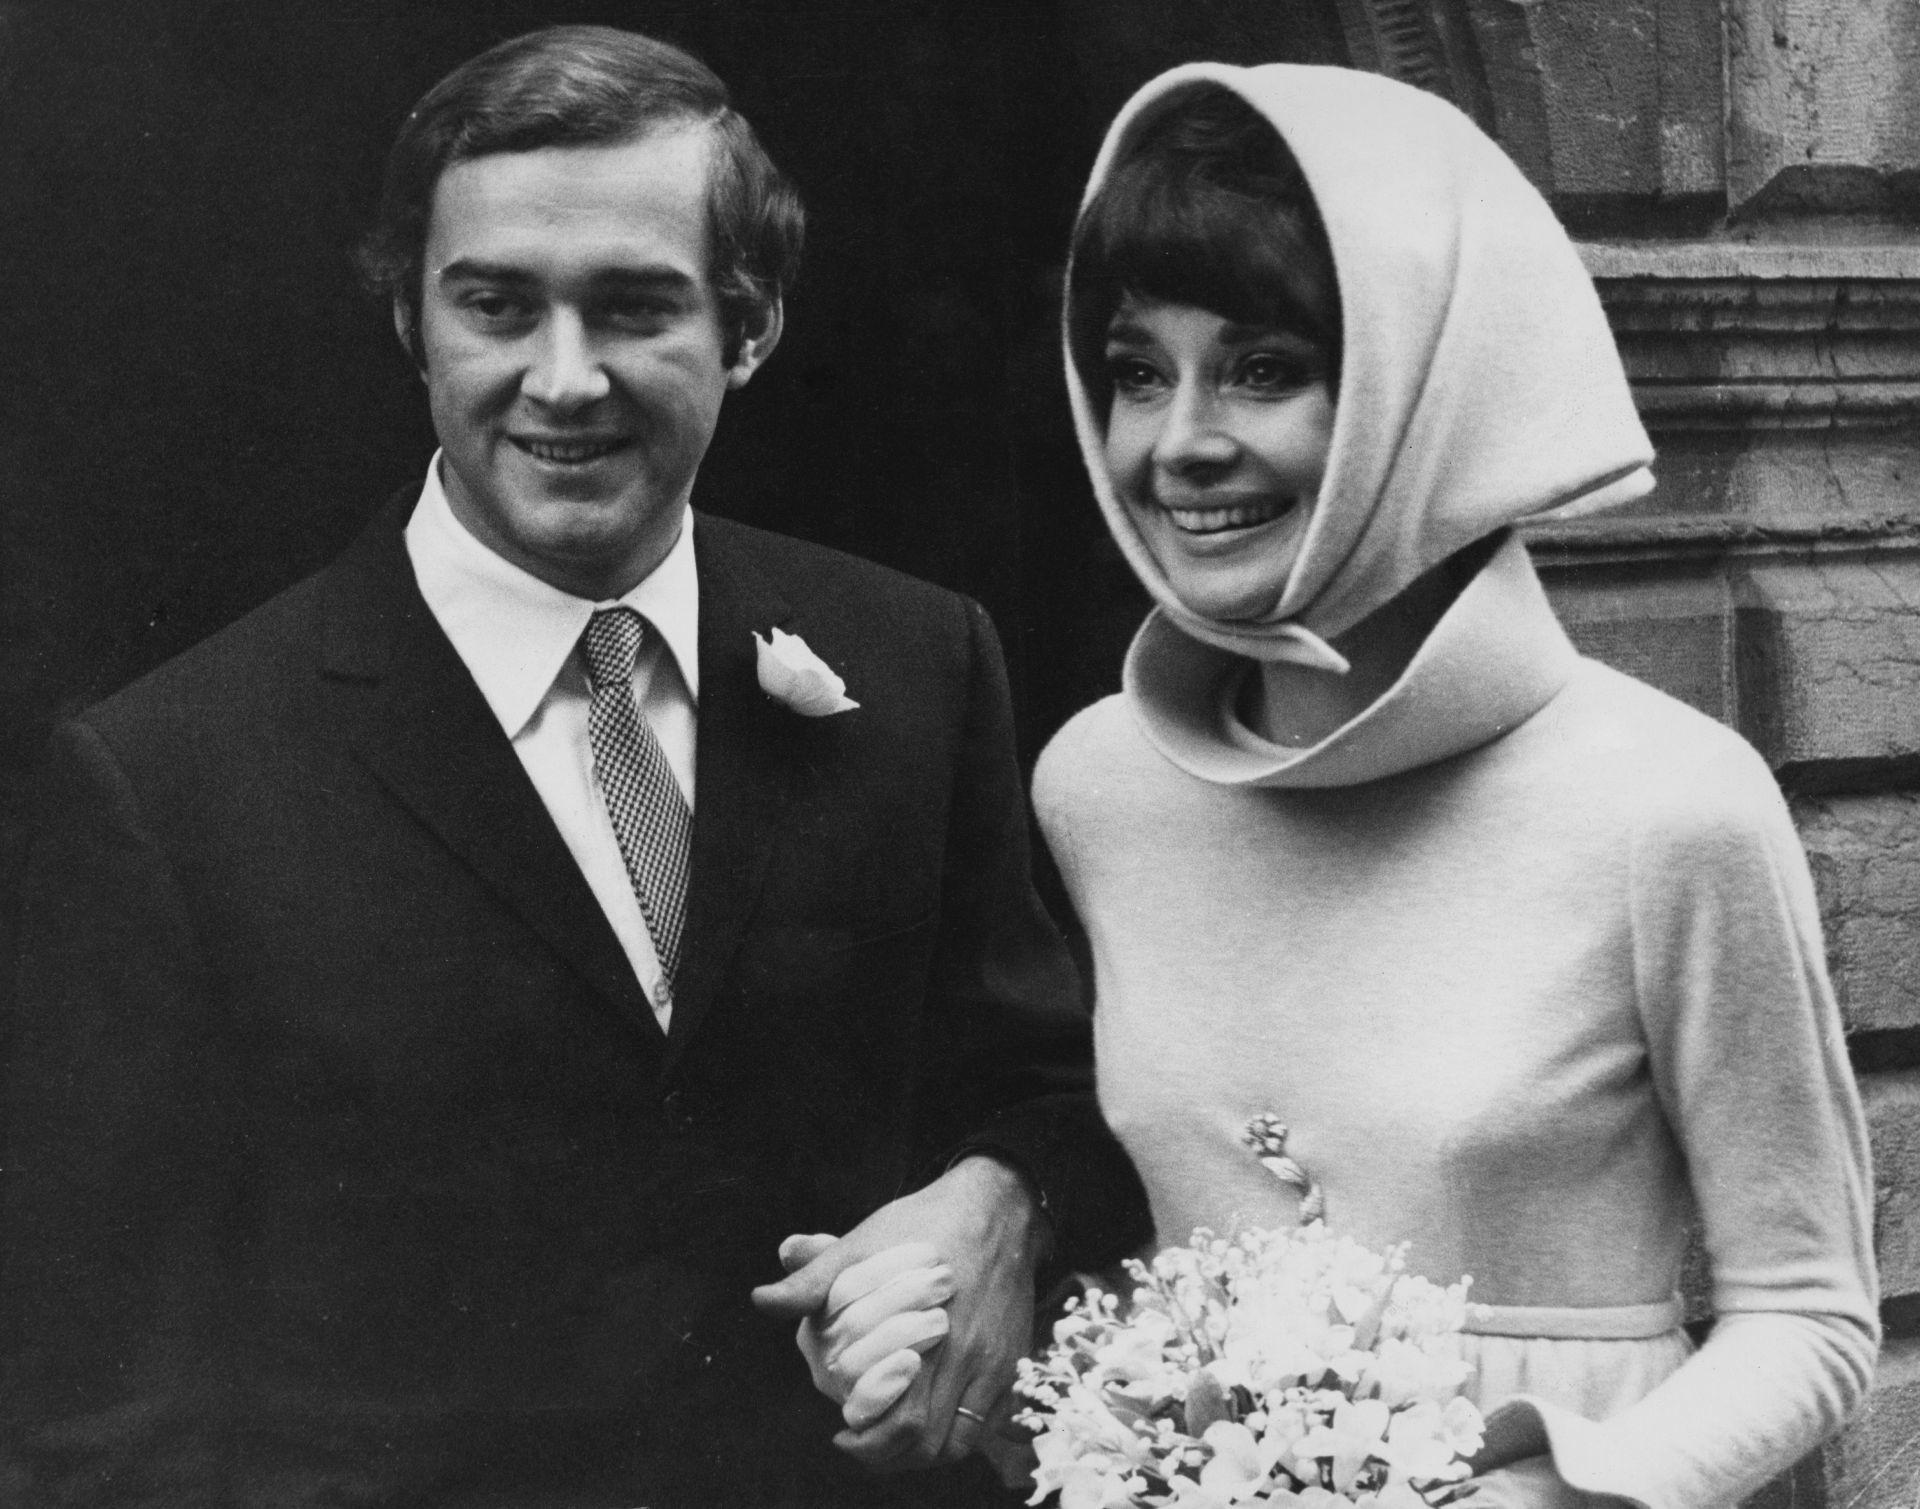 Audrey Hepburn és második férje, Andrea Dotti 1969-ben, esküvőjükön.